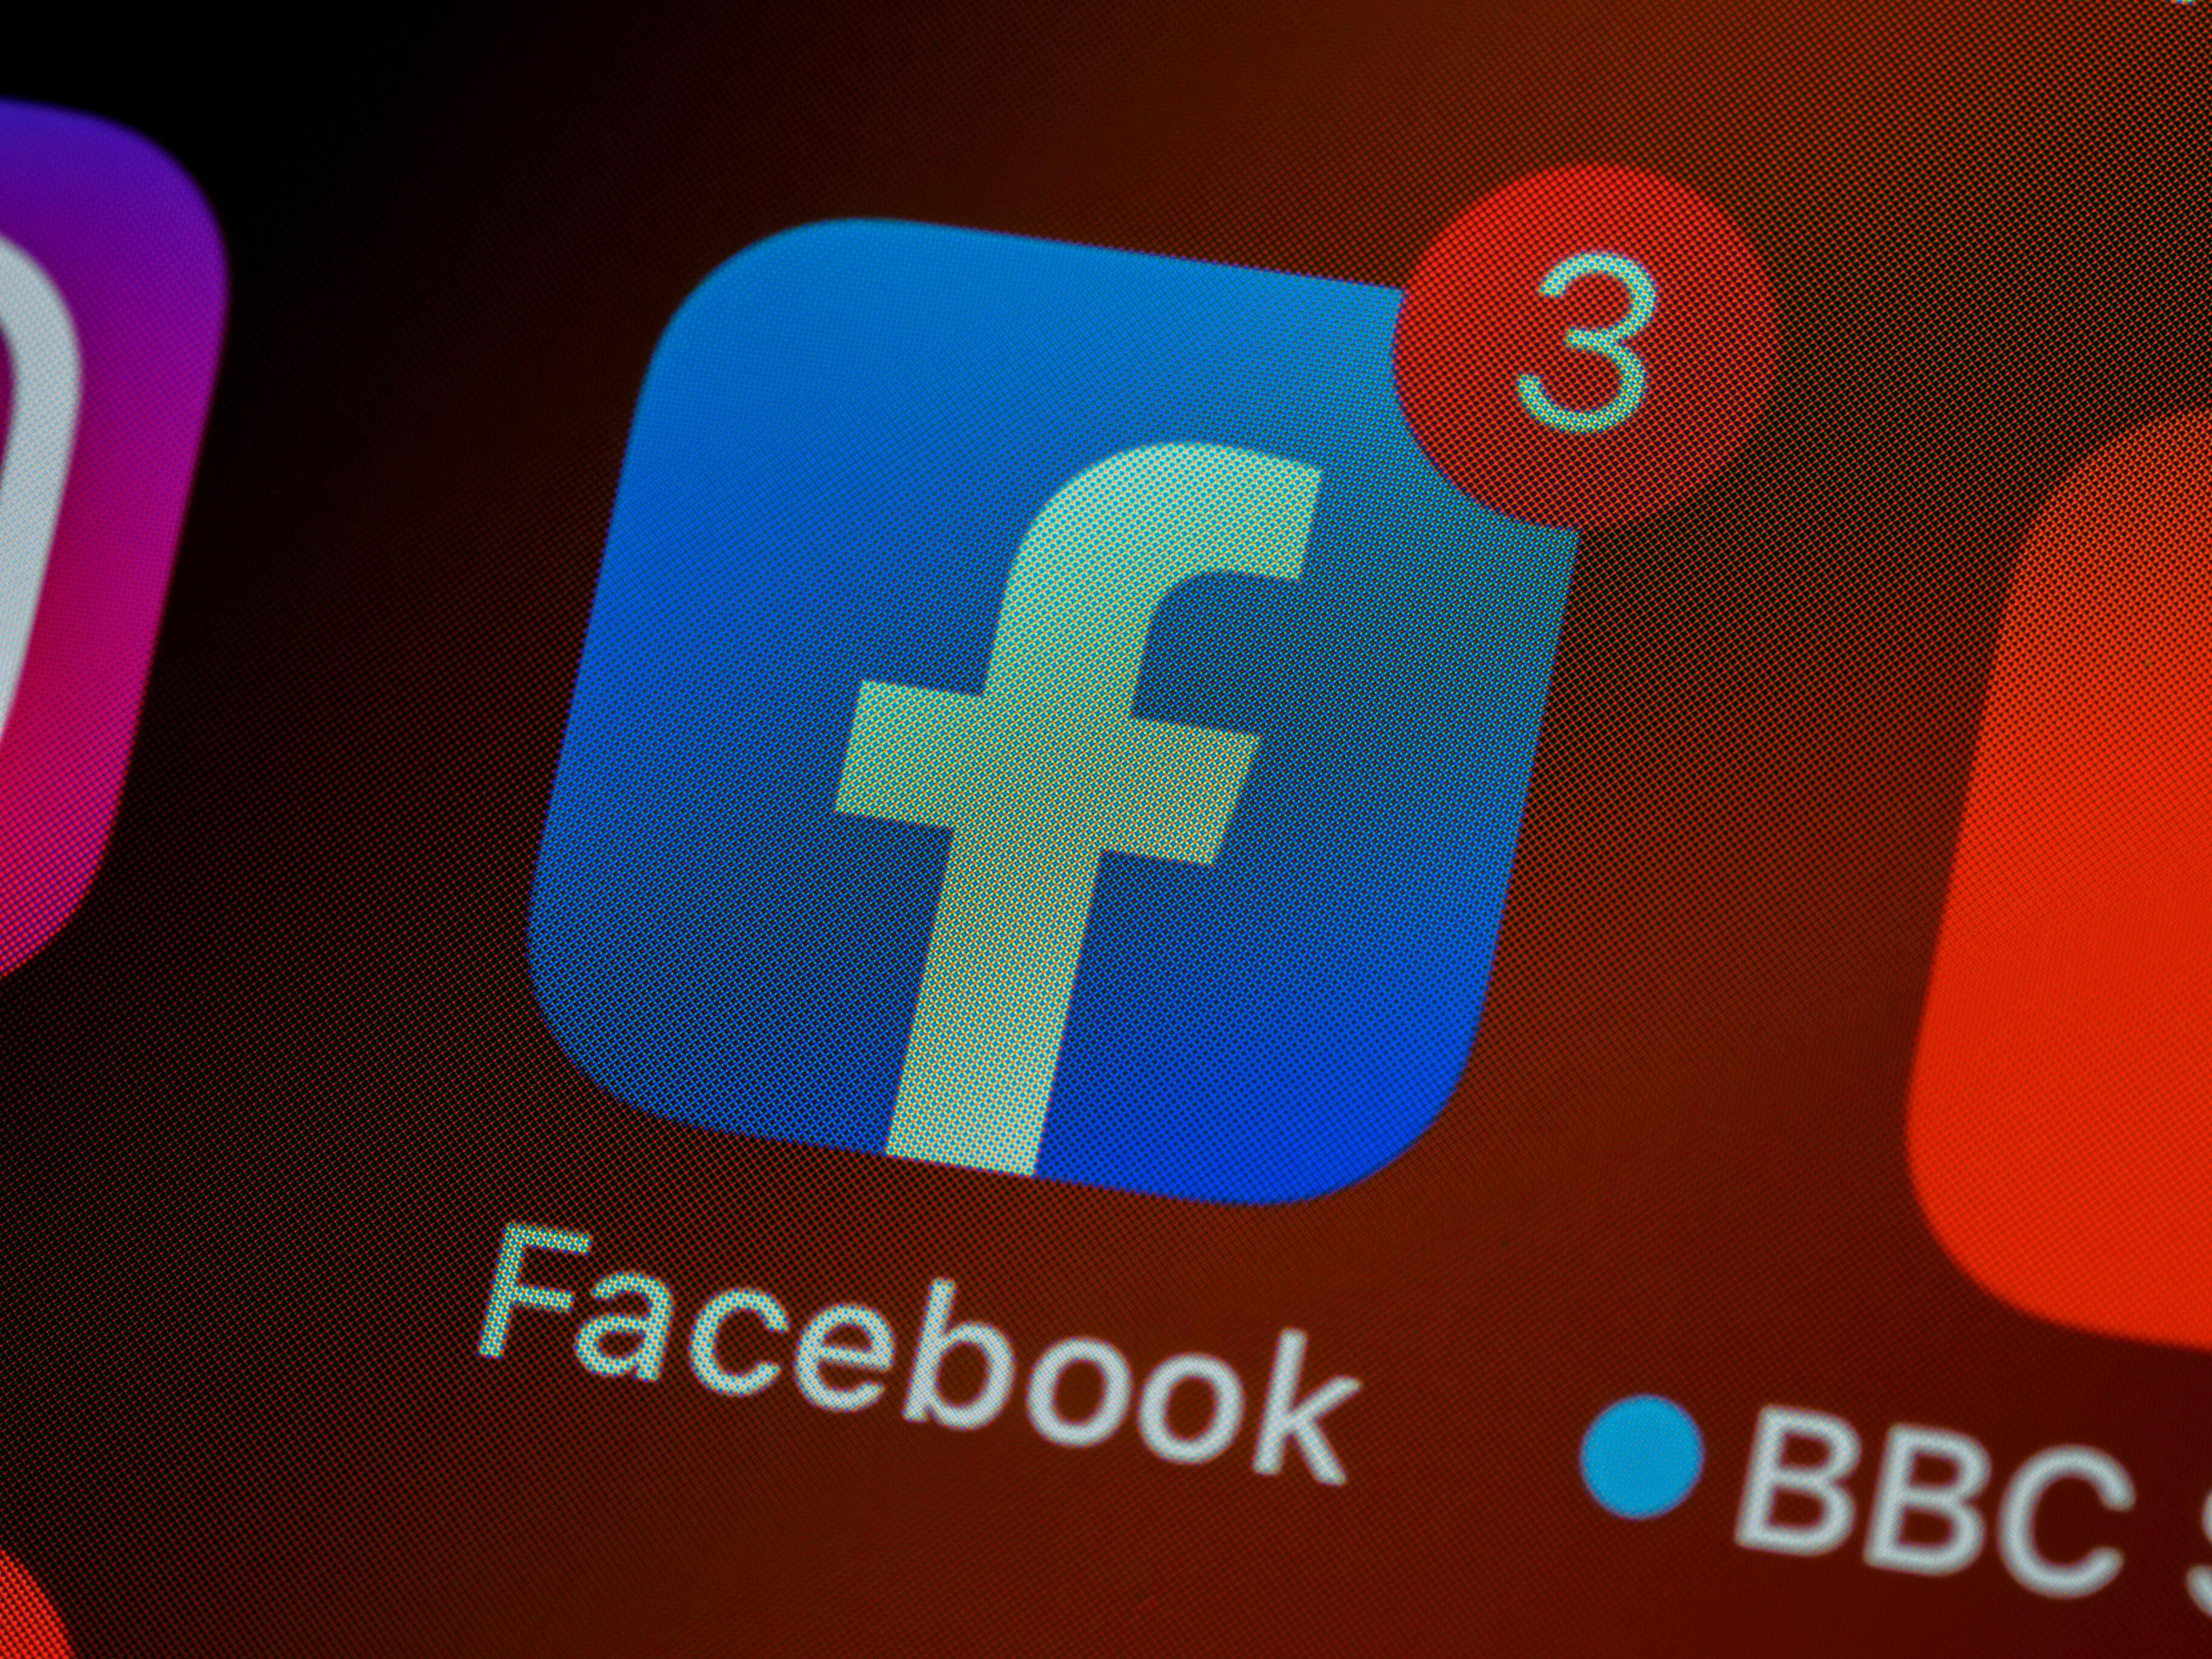 Facebook запретила рекламу оружия перед инаугурацией Байдена